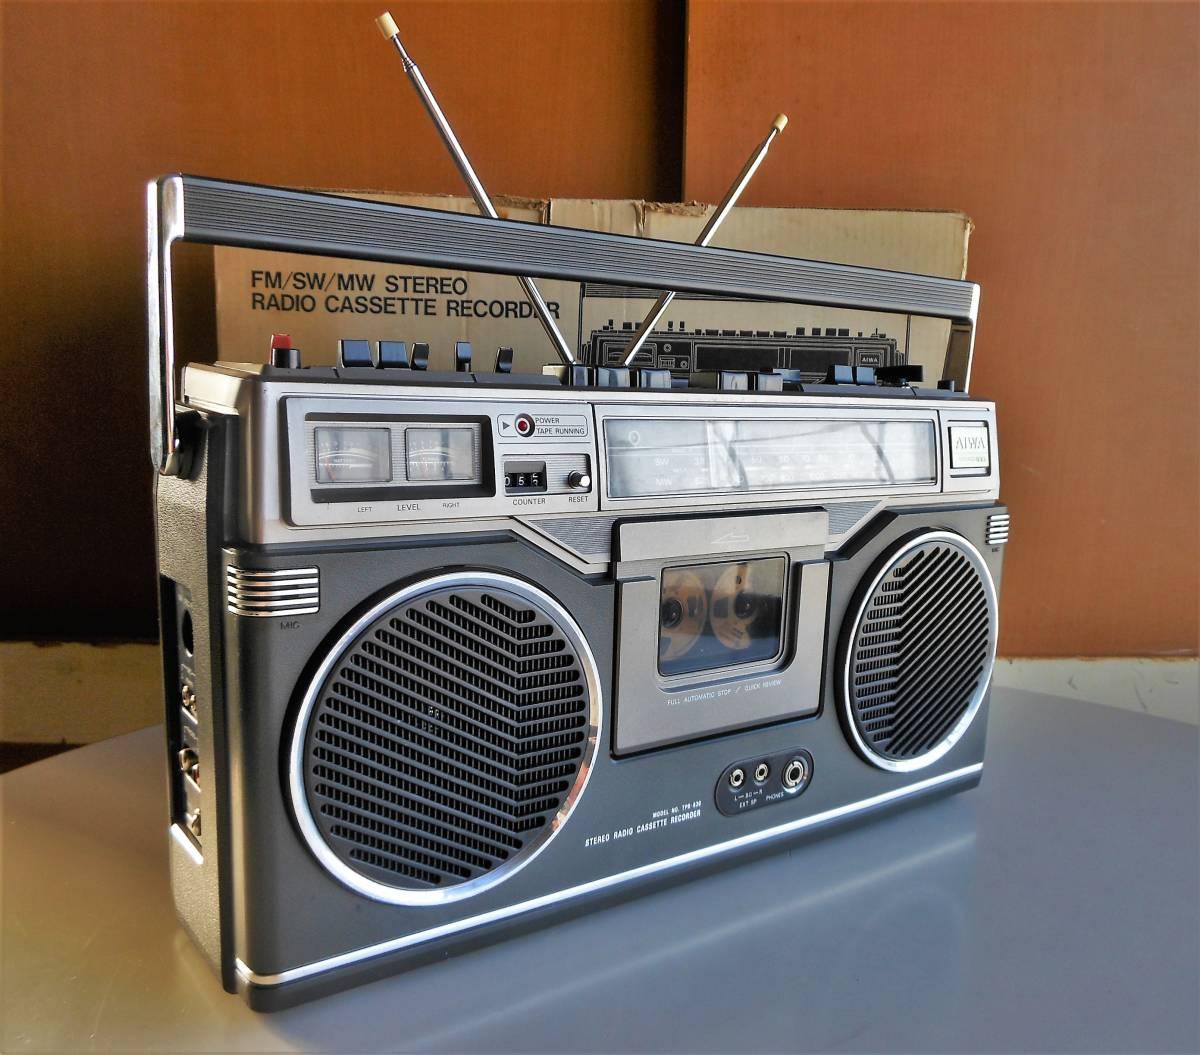 70s AIWA 3バンドラジオ搭載 ビンテージ ラジカセ TPR-830 整備済 各動作正常 美品 専用ソフトケース/新品テープ/箱入 レア機 BCL